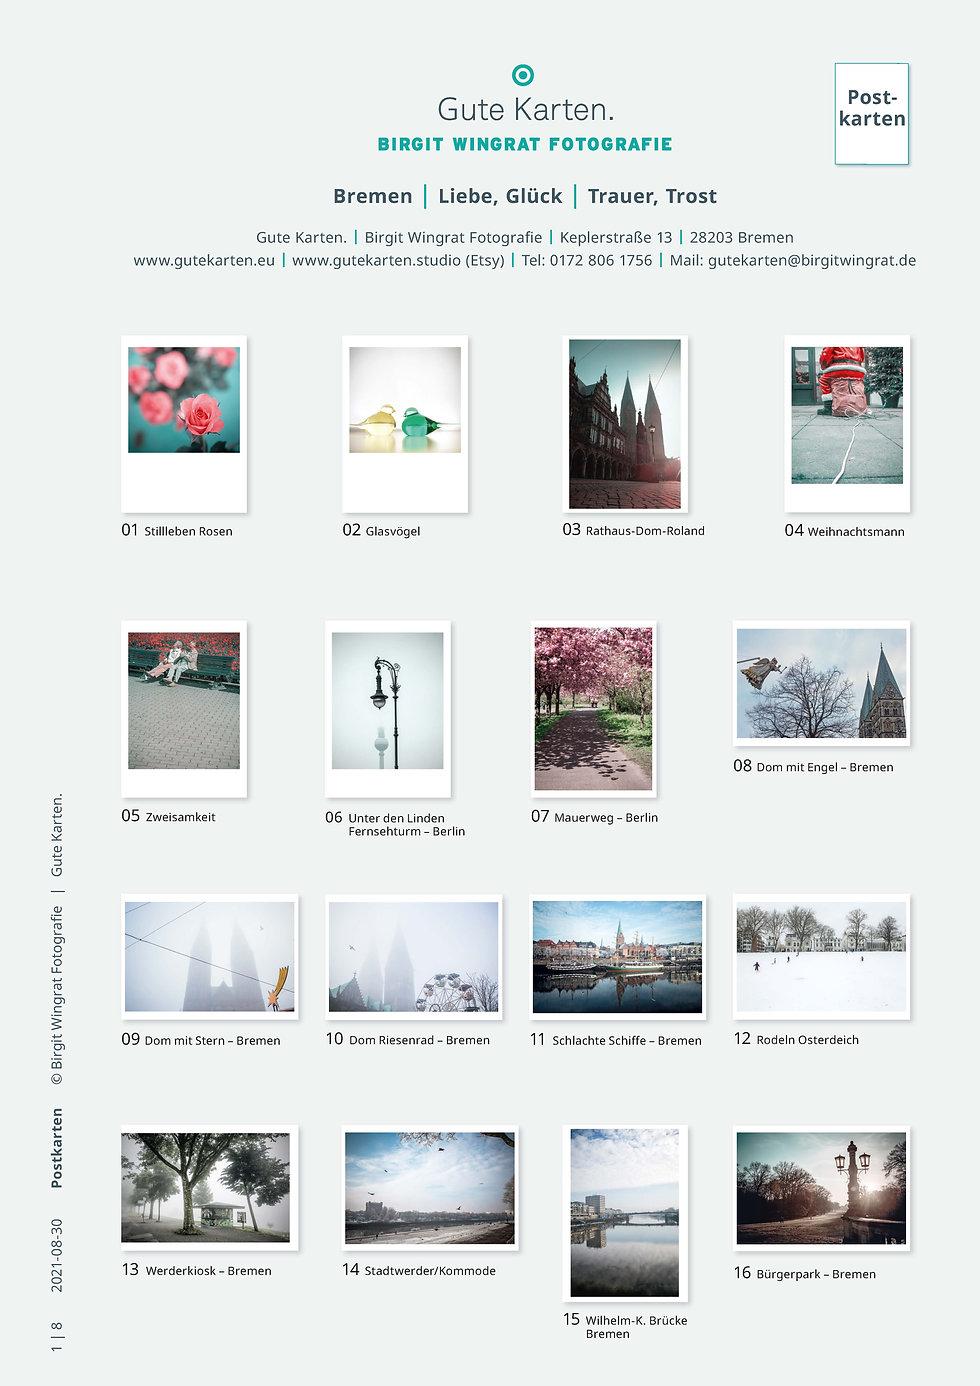 Gute Karten_PK_2021-08-30_Seite_1.jpg